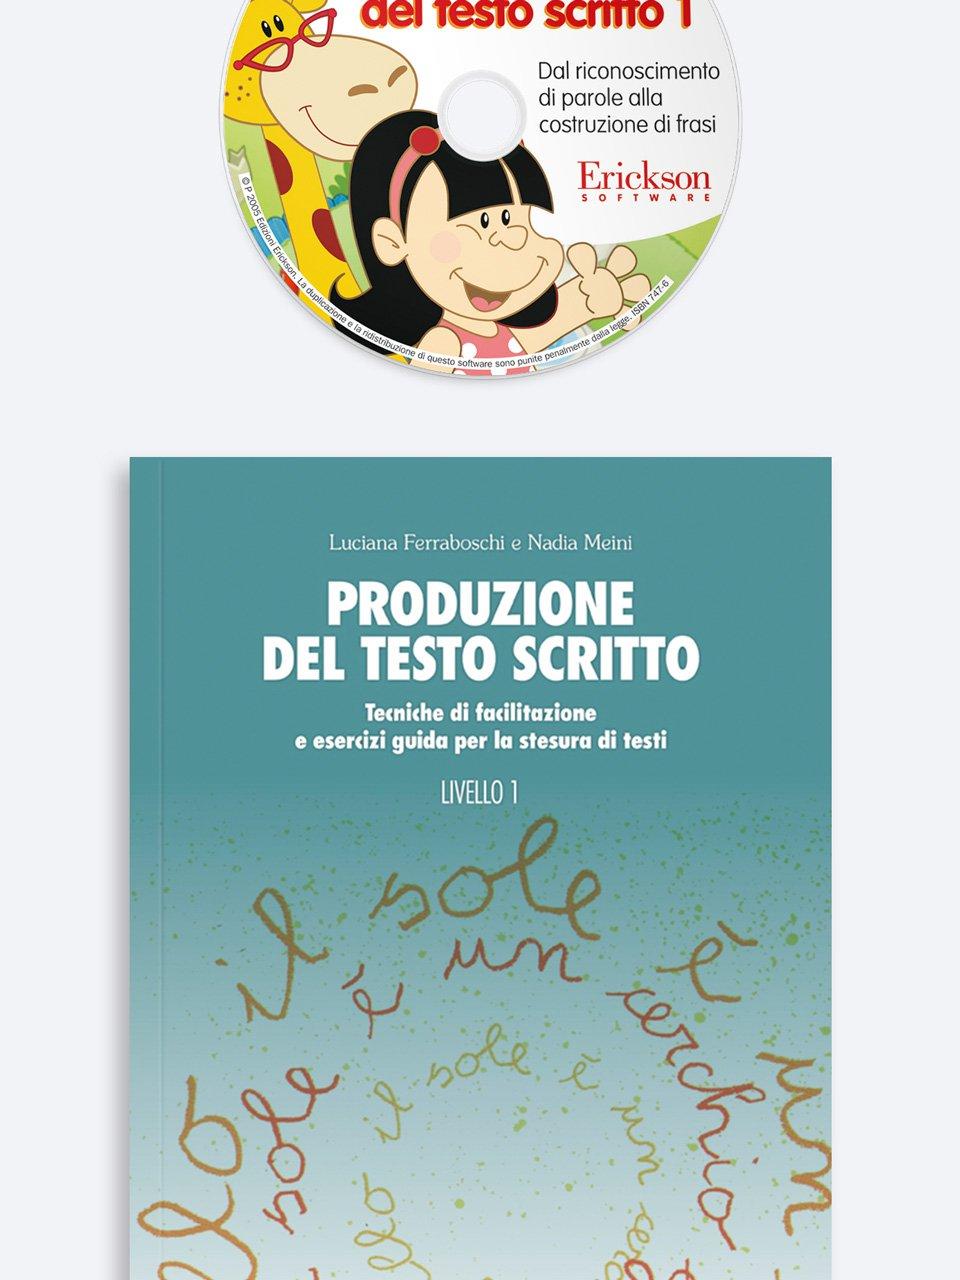 Produzione del testo scritto - Livello 1 - Luciana Ferraboschi - Erickson 3